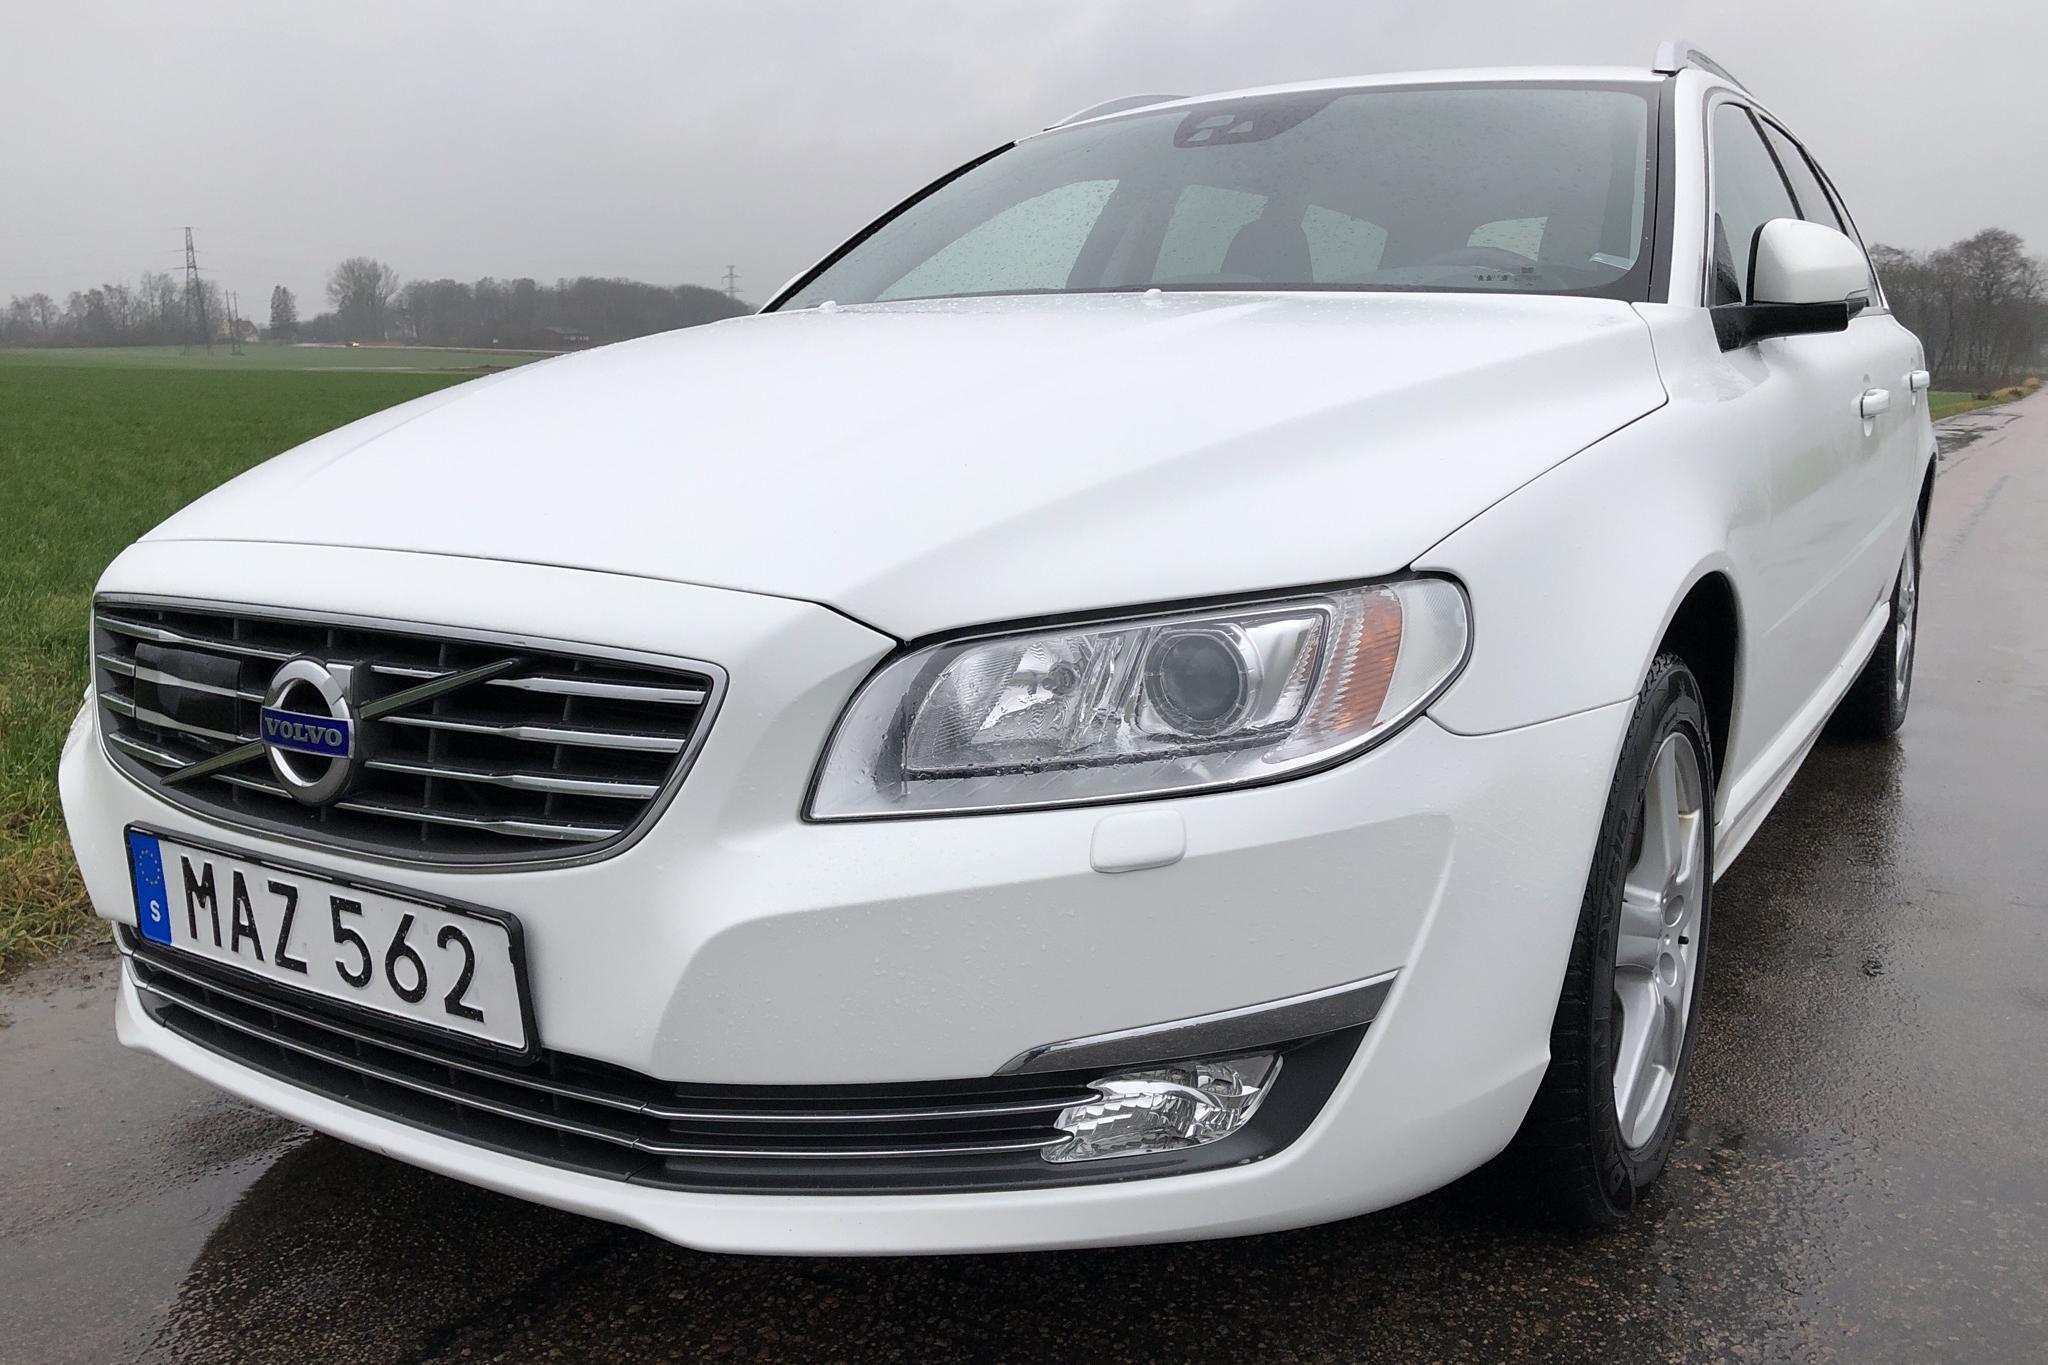 Volvo V70 II D4 (181hk) - 237 390 km - Automatic - white - 2016